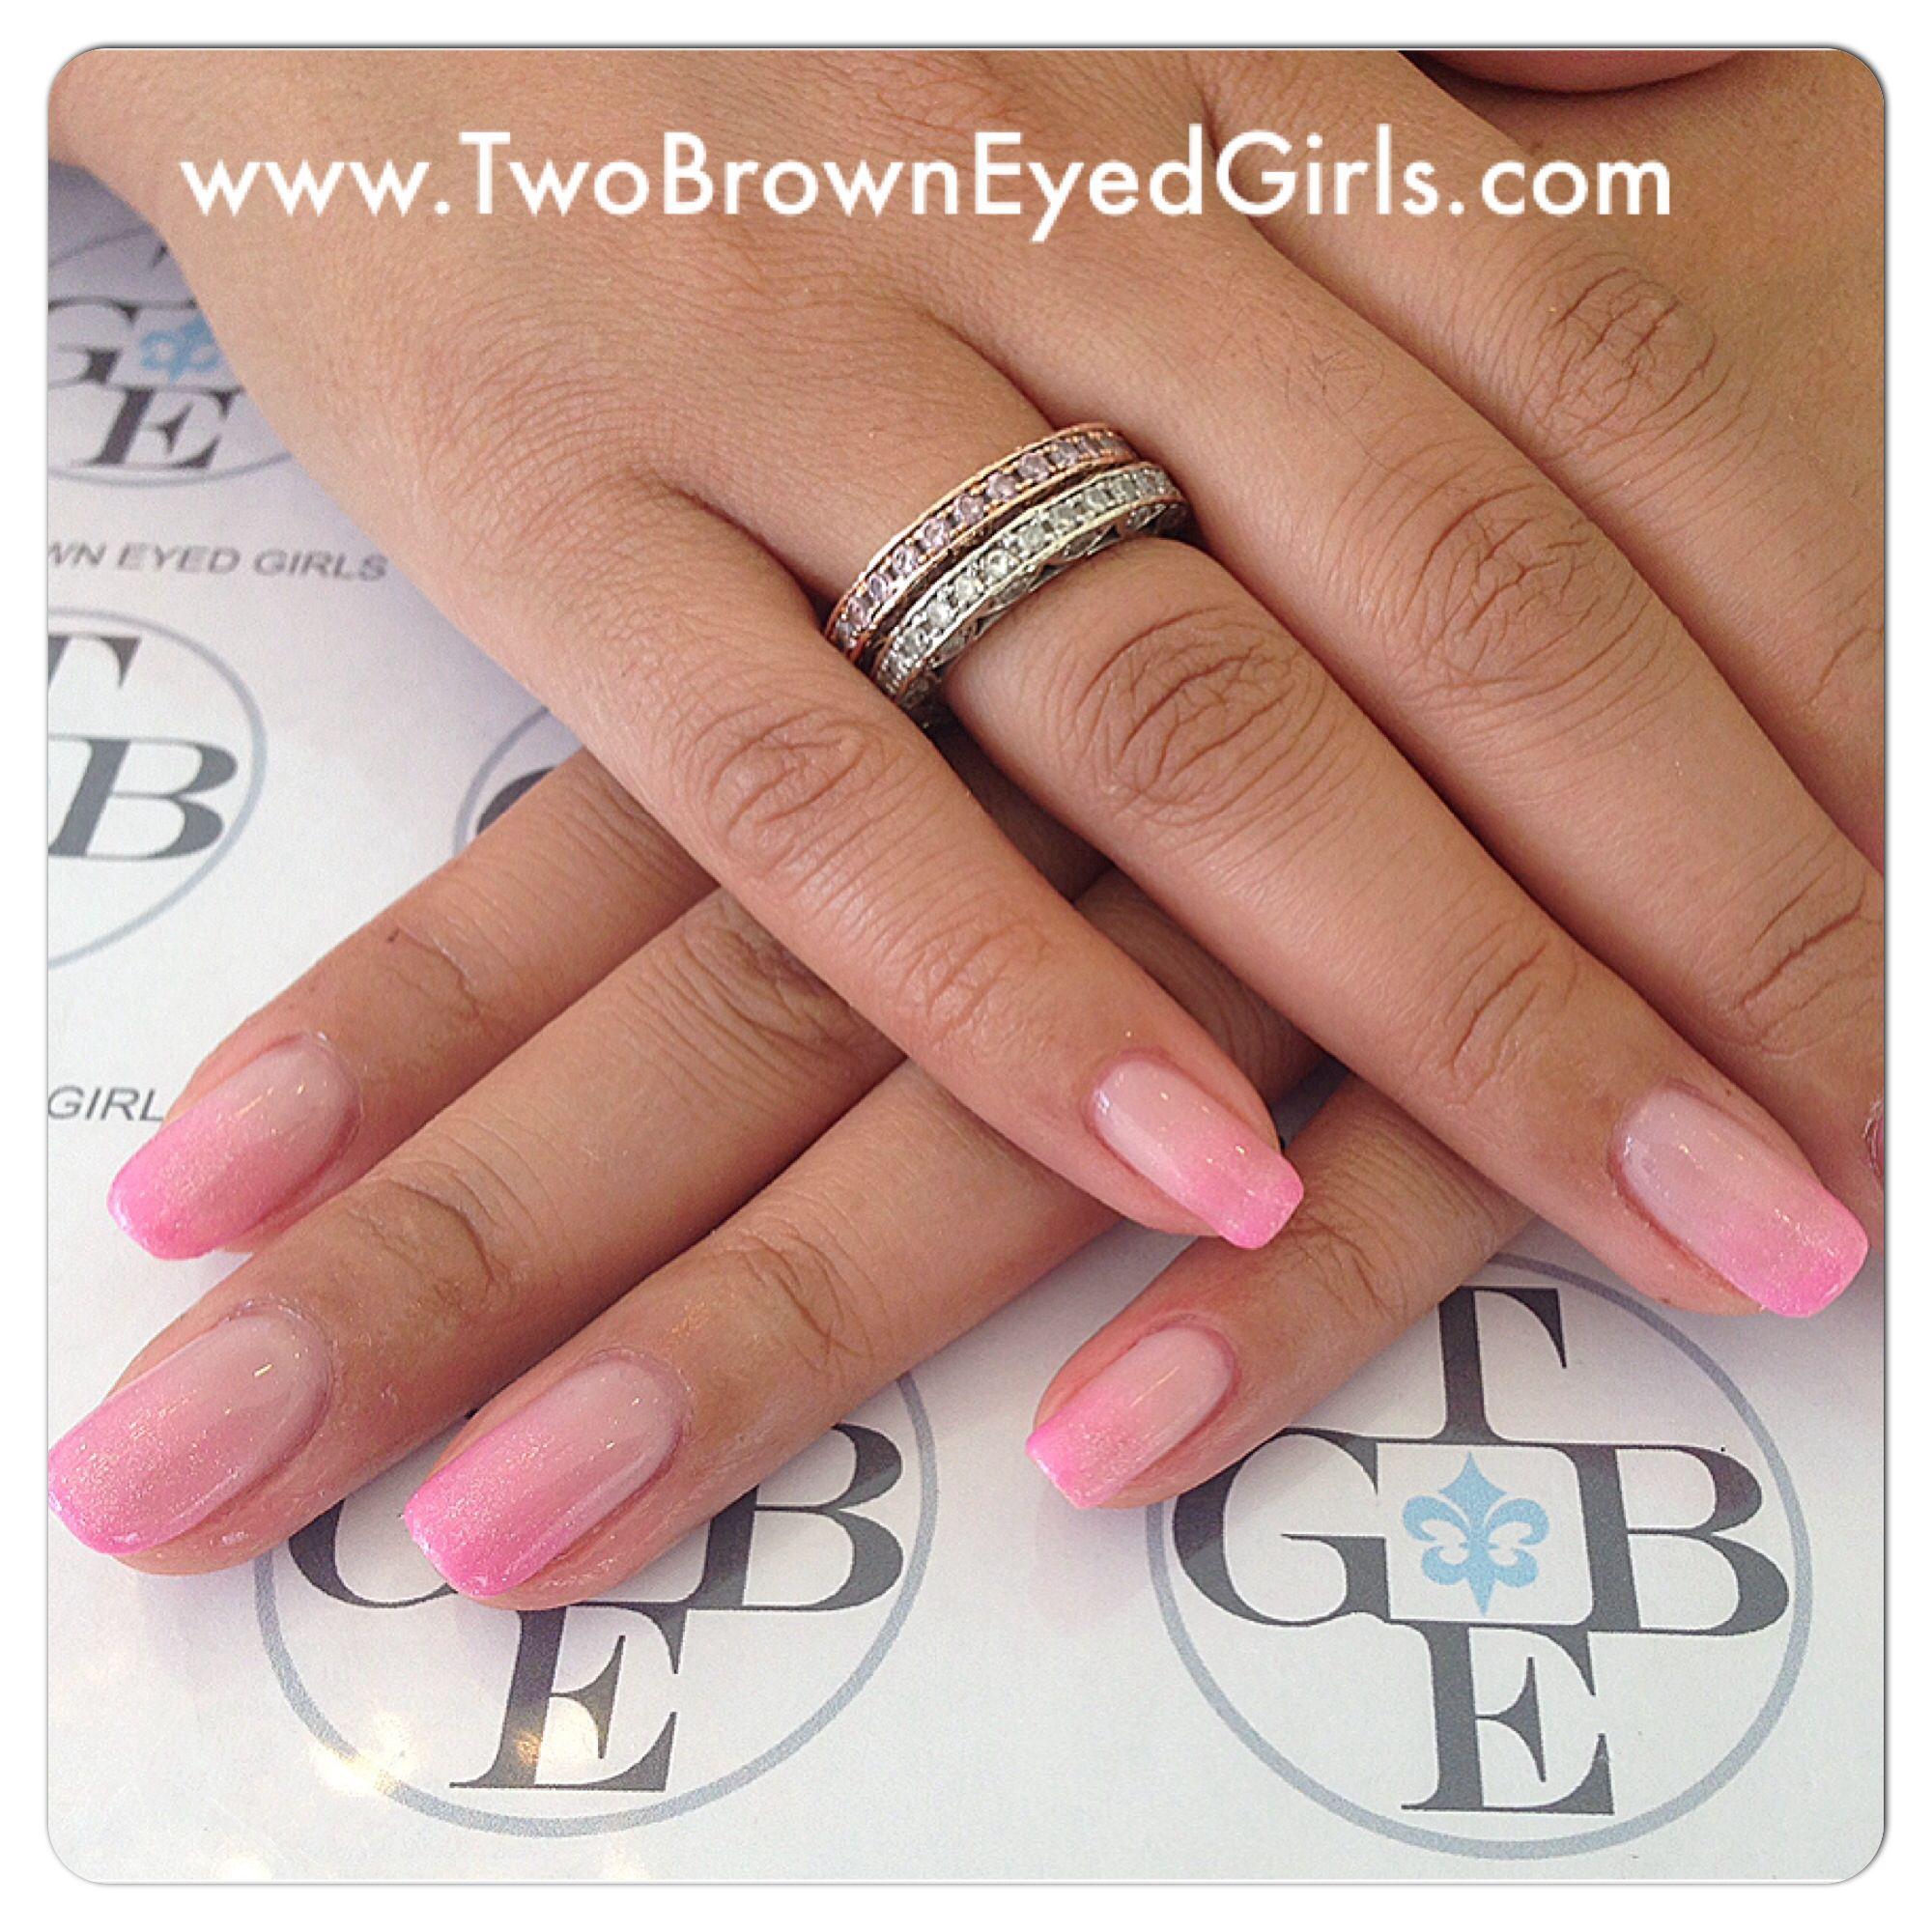 nailart #nails #twobrowneyedgirls #losangeles #lanails #naildesign #nailswag #nailpolish #polishart #nailartstudio #nailit #nailgasm #art #gel #pink